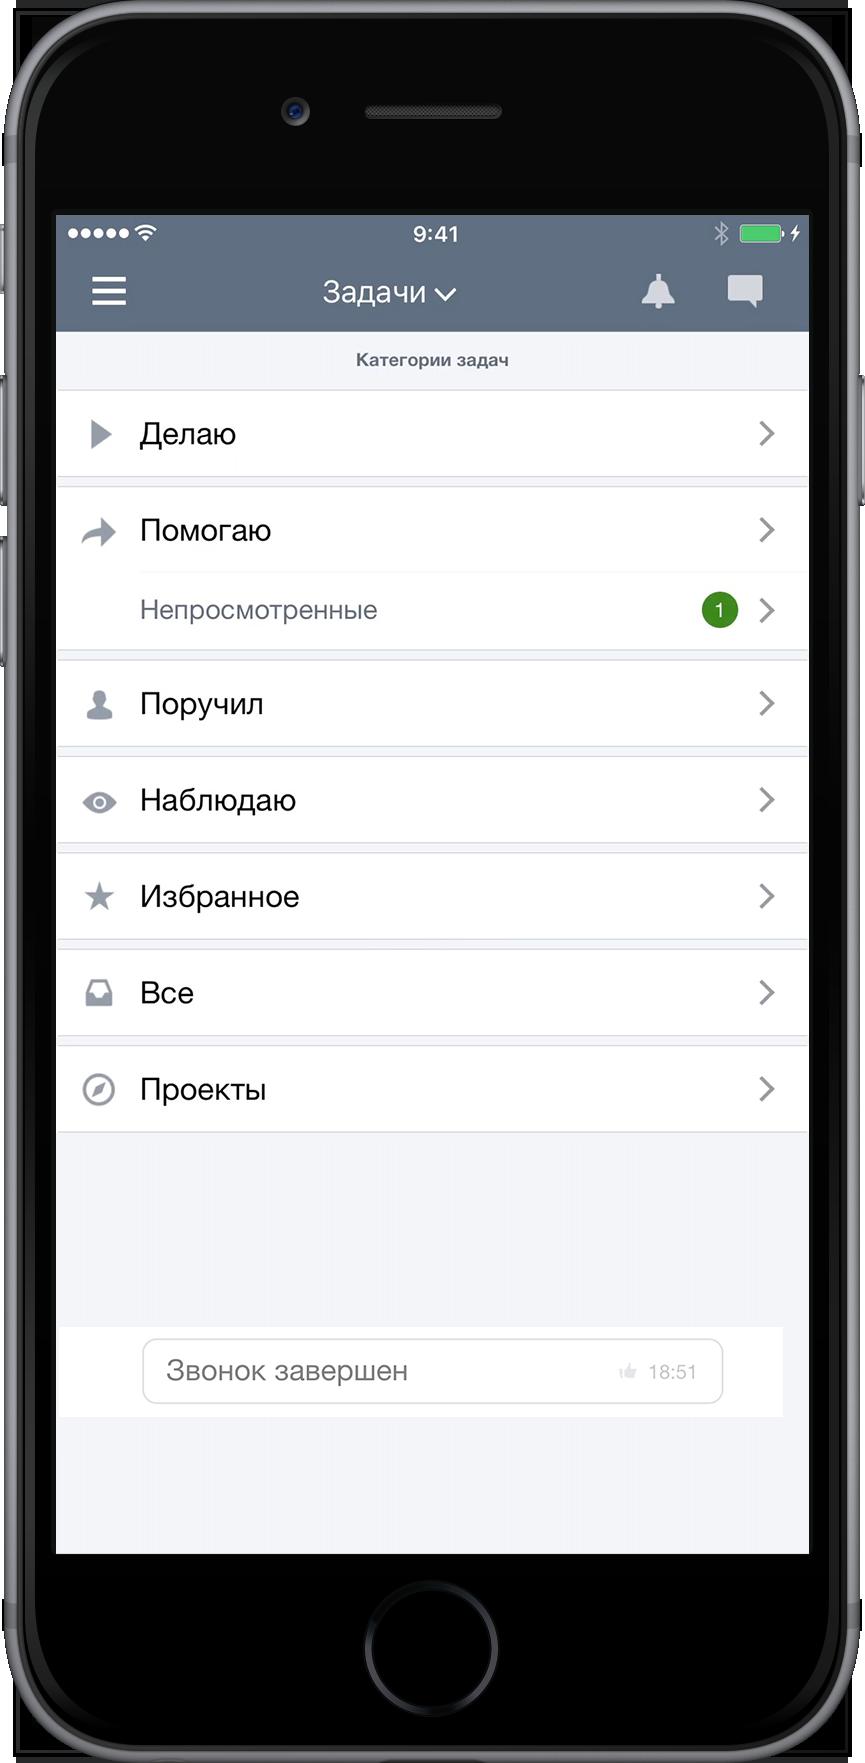 Битрикс скачать на телефон битрикс два сайта на одной лицензии